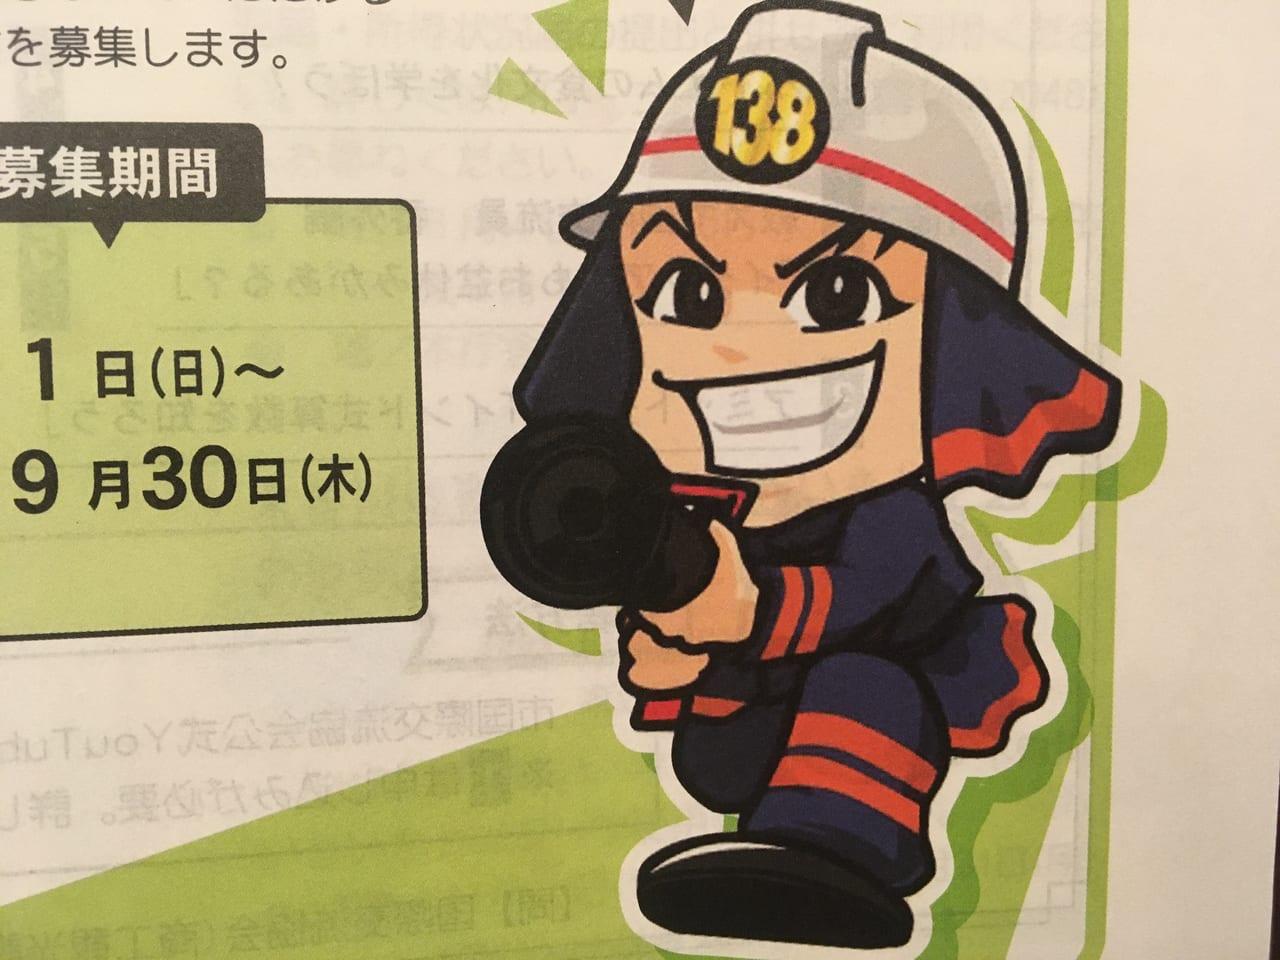 消防本部のイメージキャラクターの名前募集チラシ